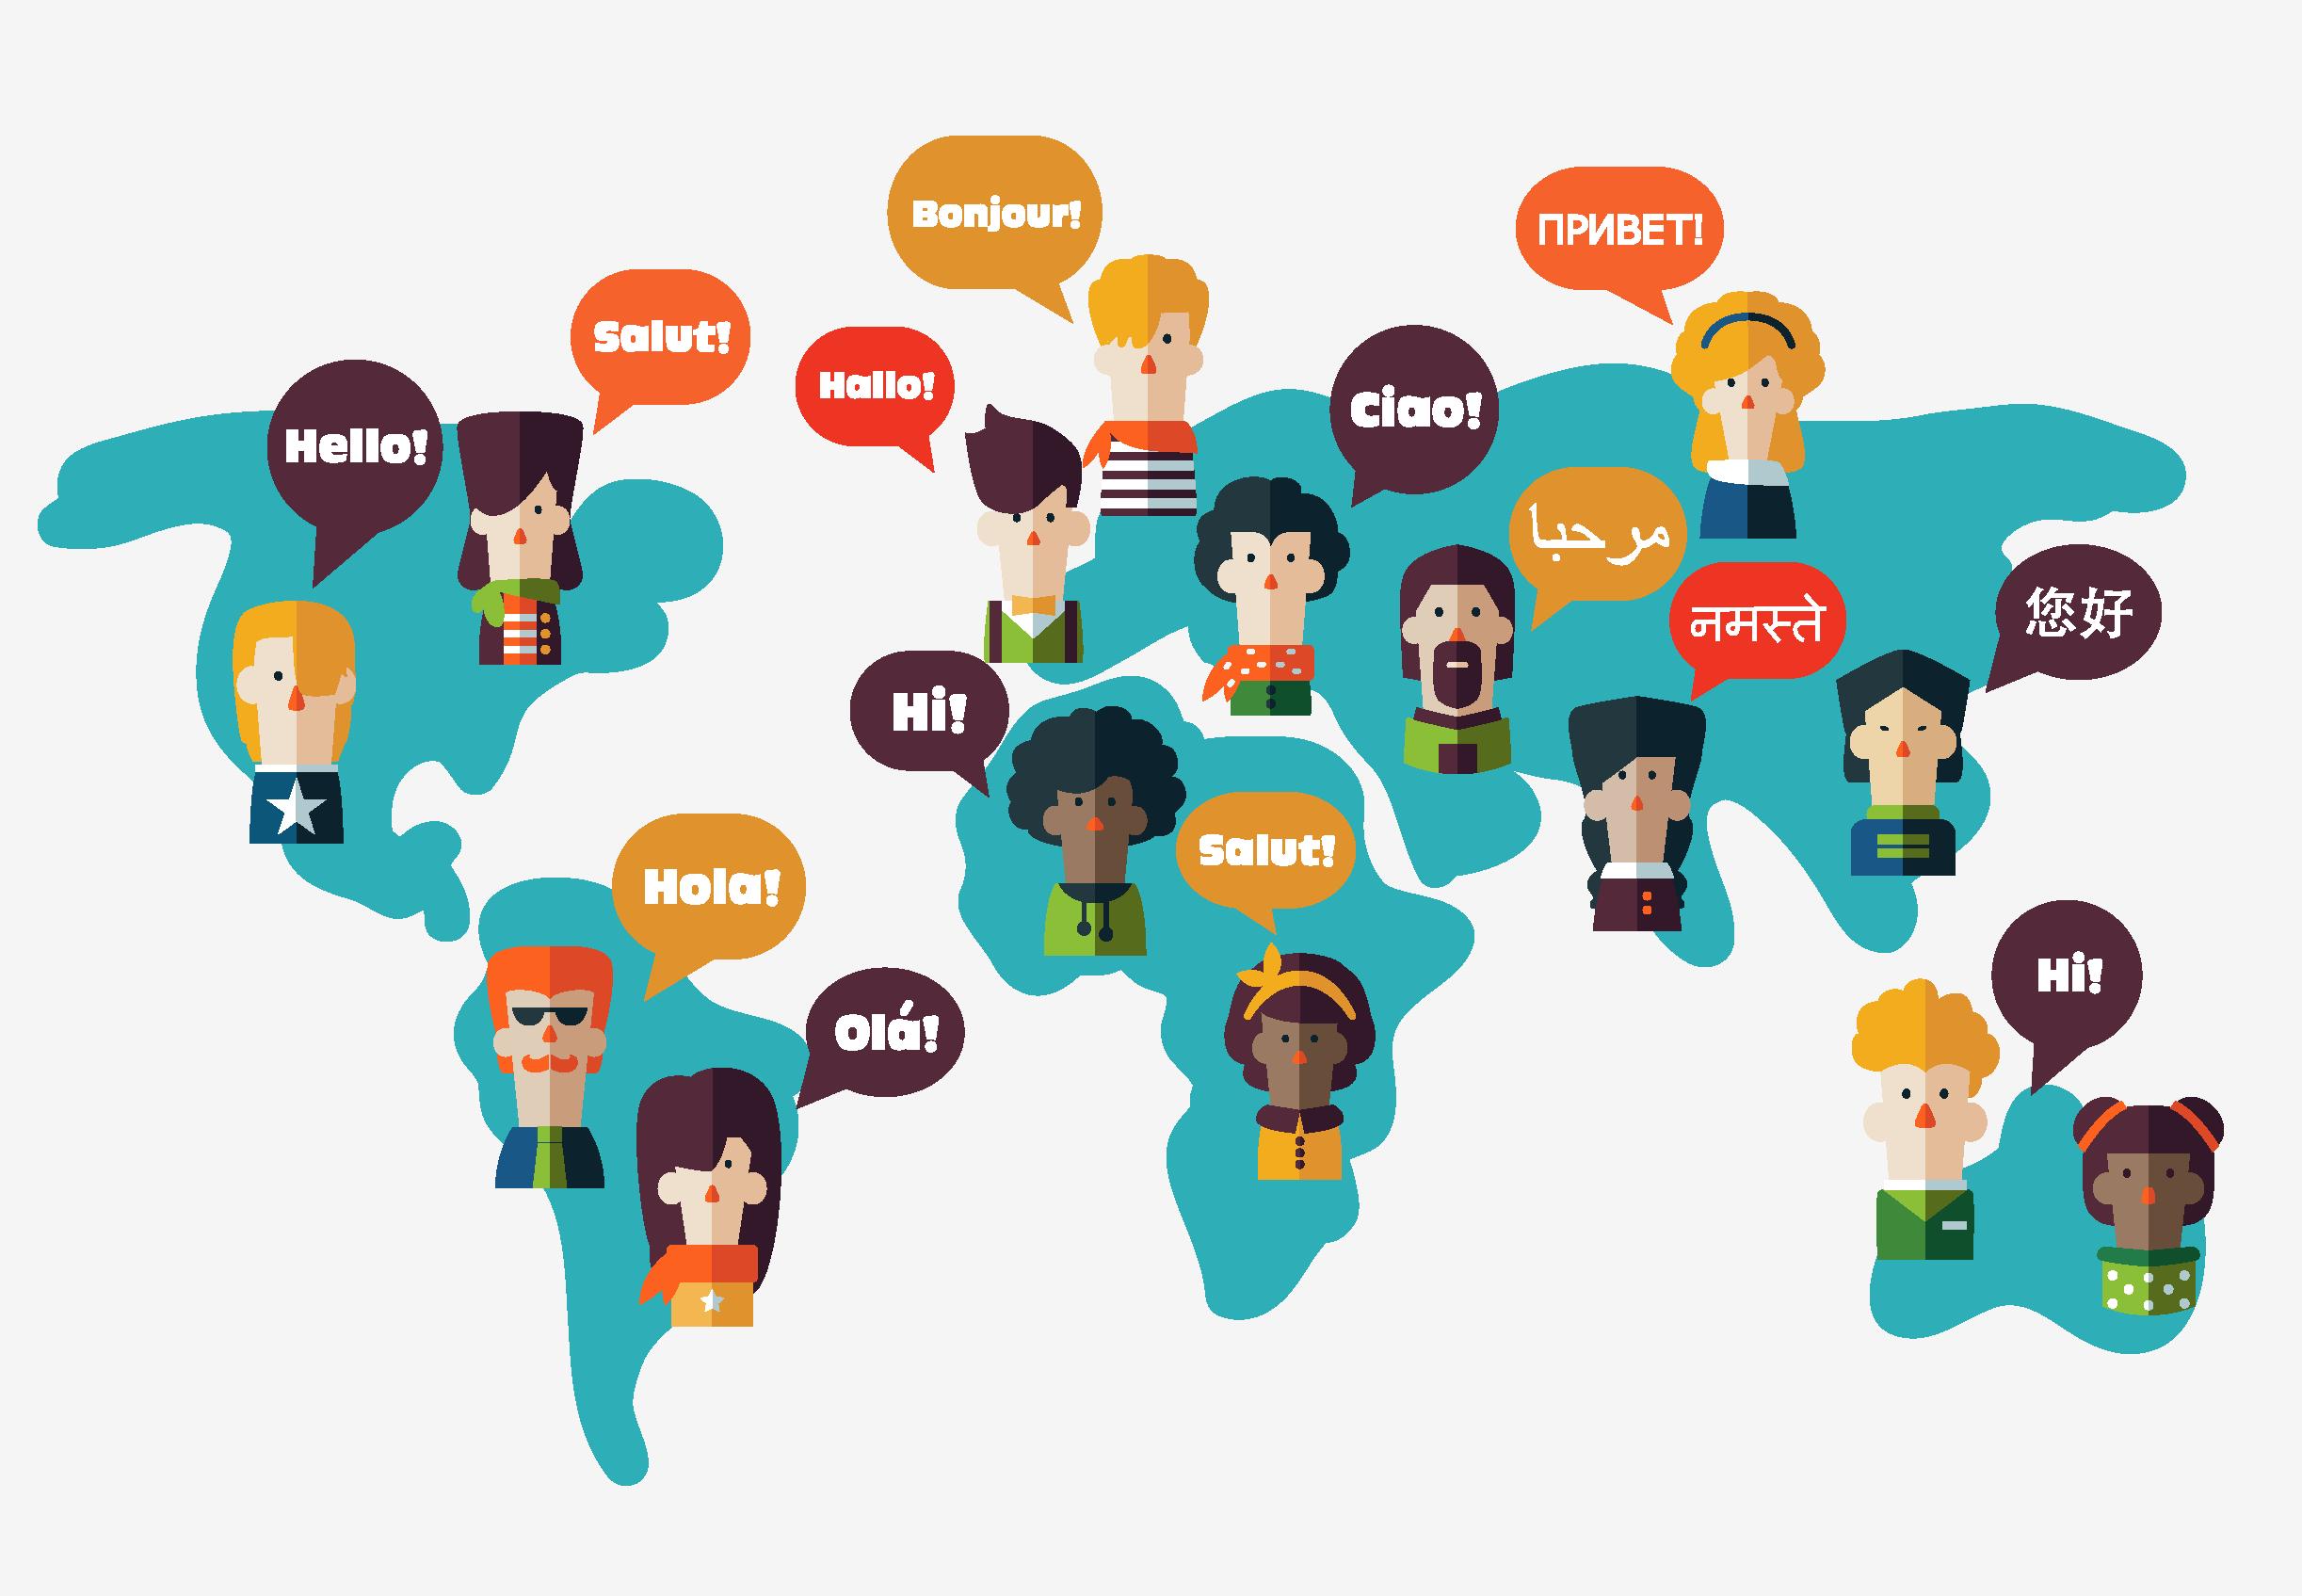 ریشه یابی زبان های مختلف